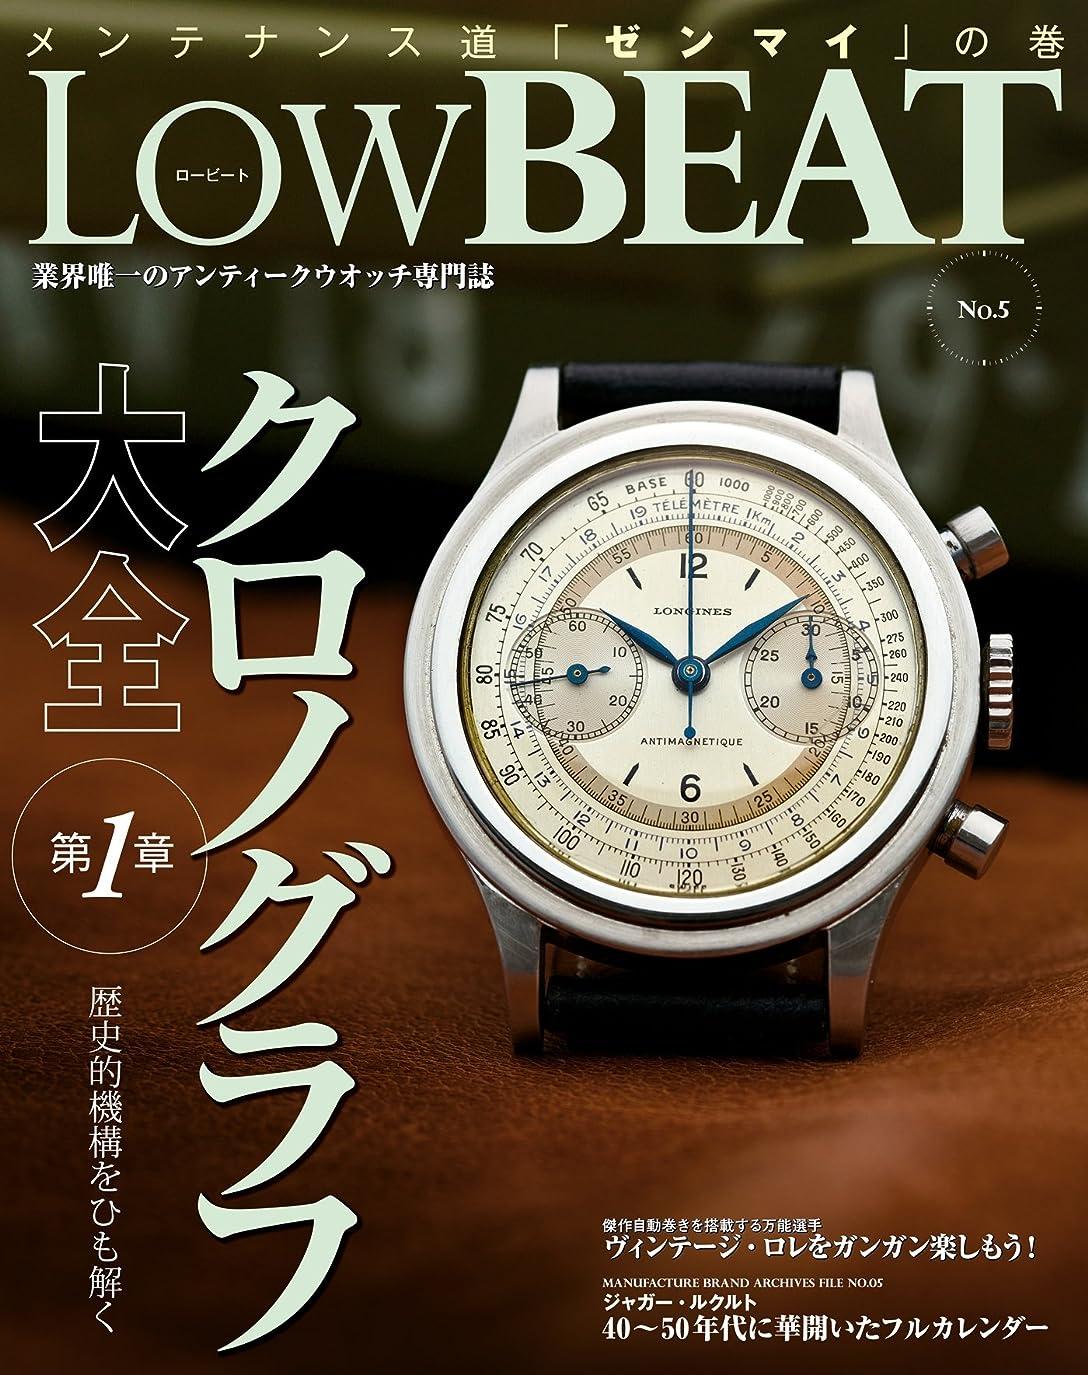 拍車ジョイントスポンサーLowBEAT No.5 Low BEAT